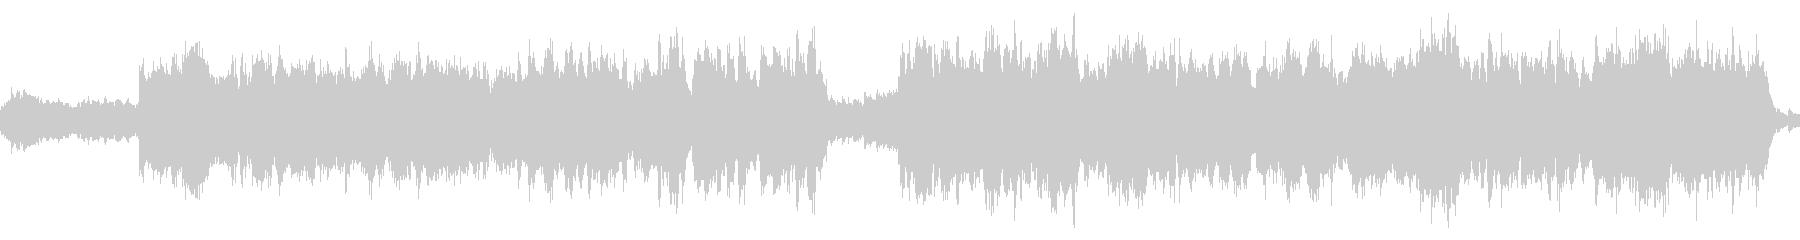 旧版RPG向けオーケストラ曲『神殿』の未再生の波形